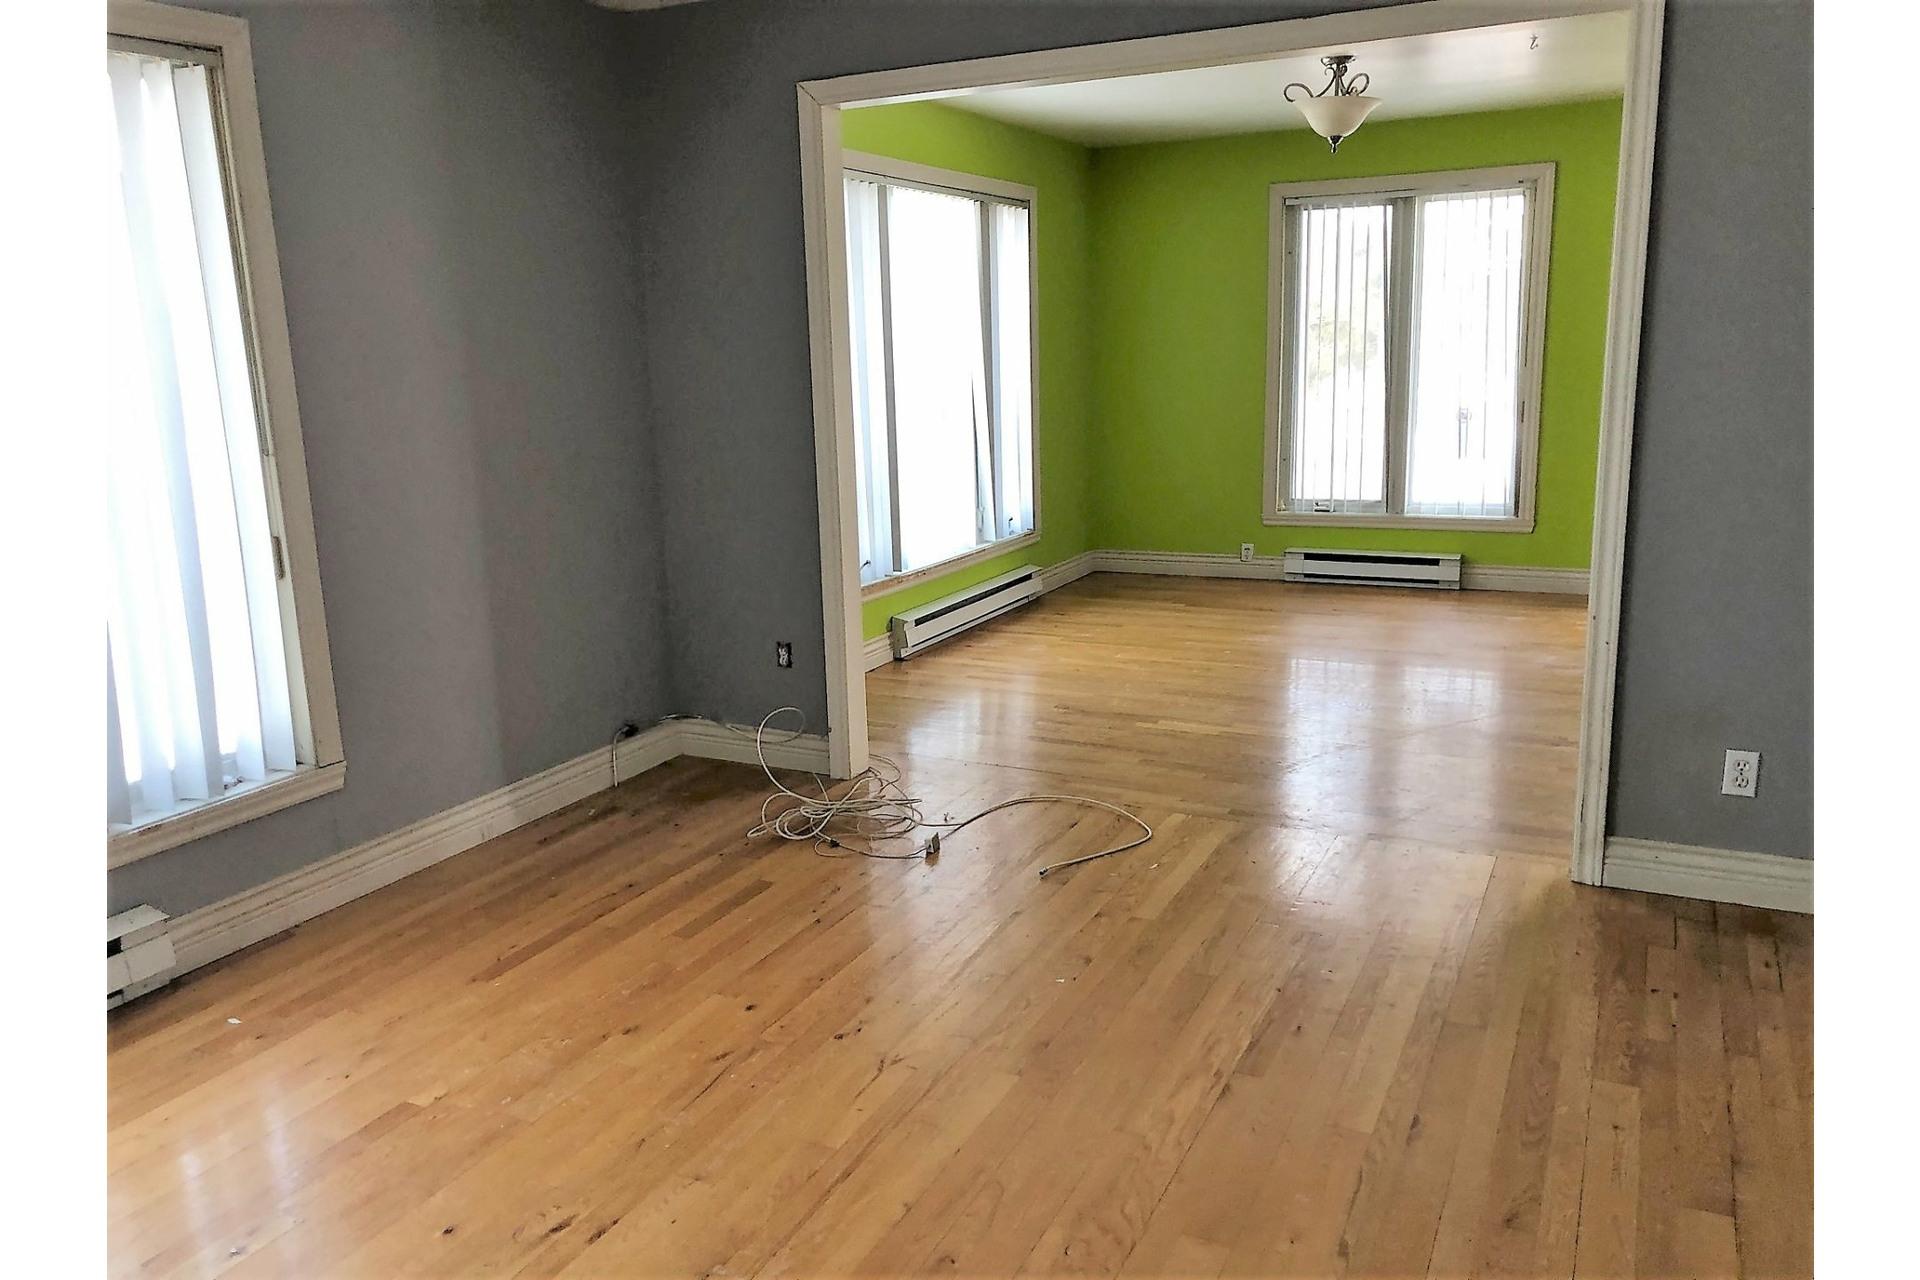 image 5 - Duplex For sale Trois-Rivières - 8 rooms